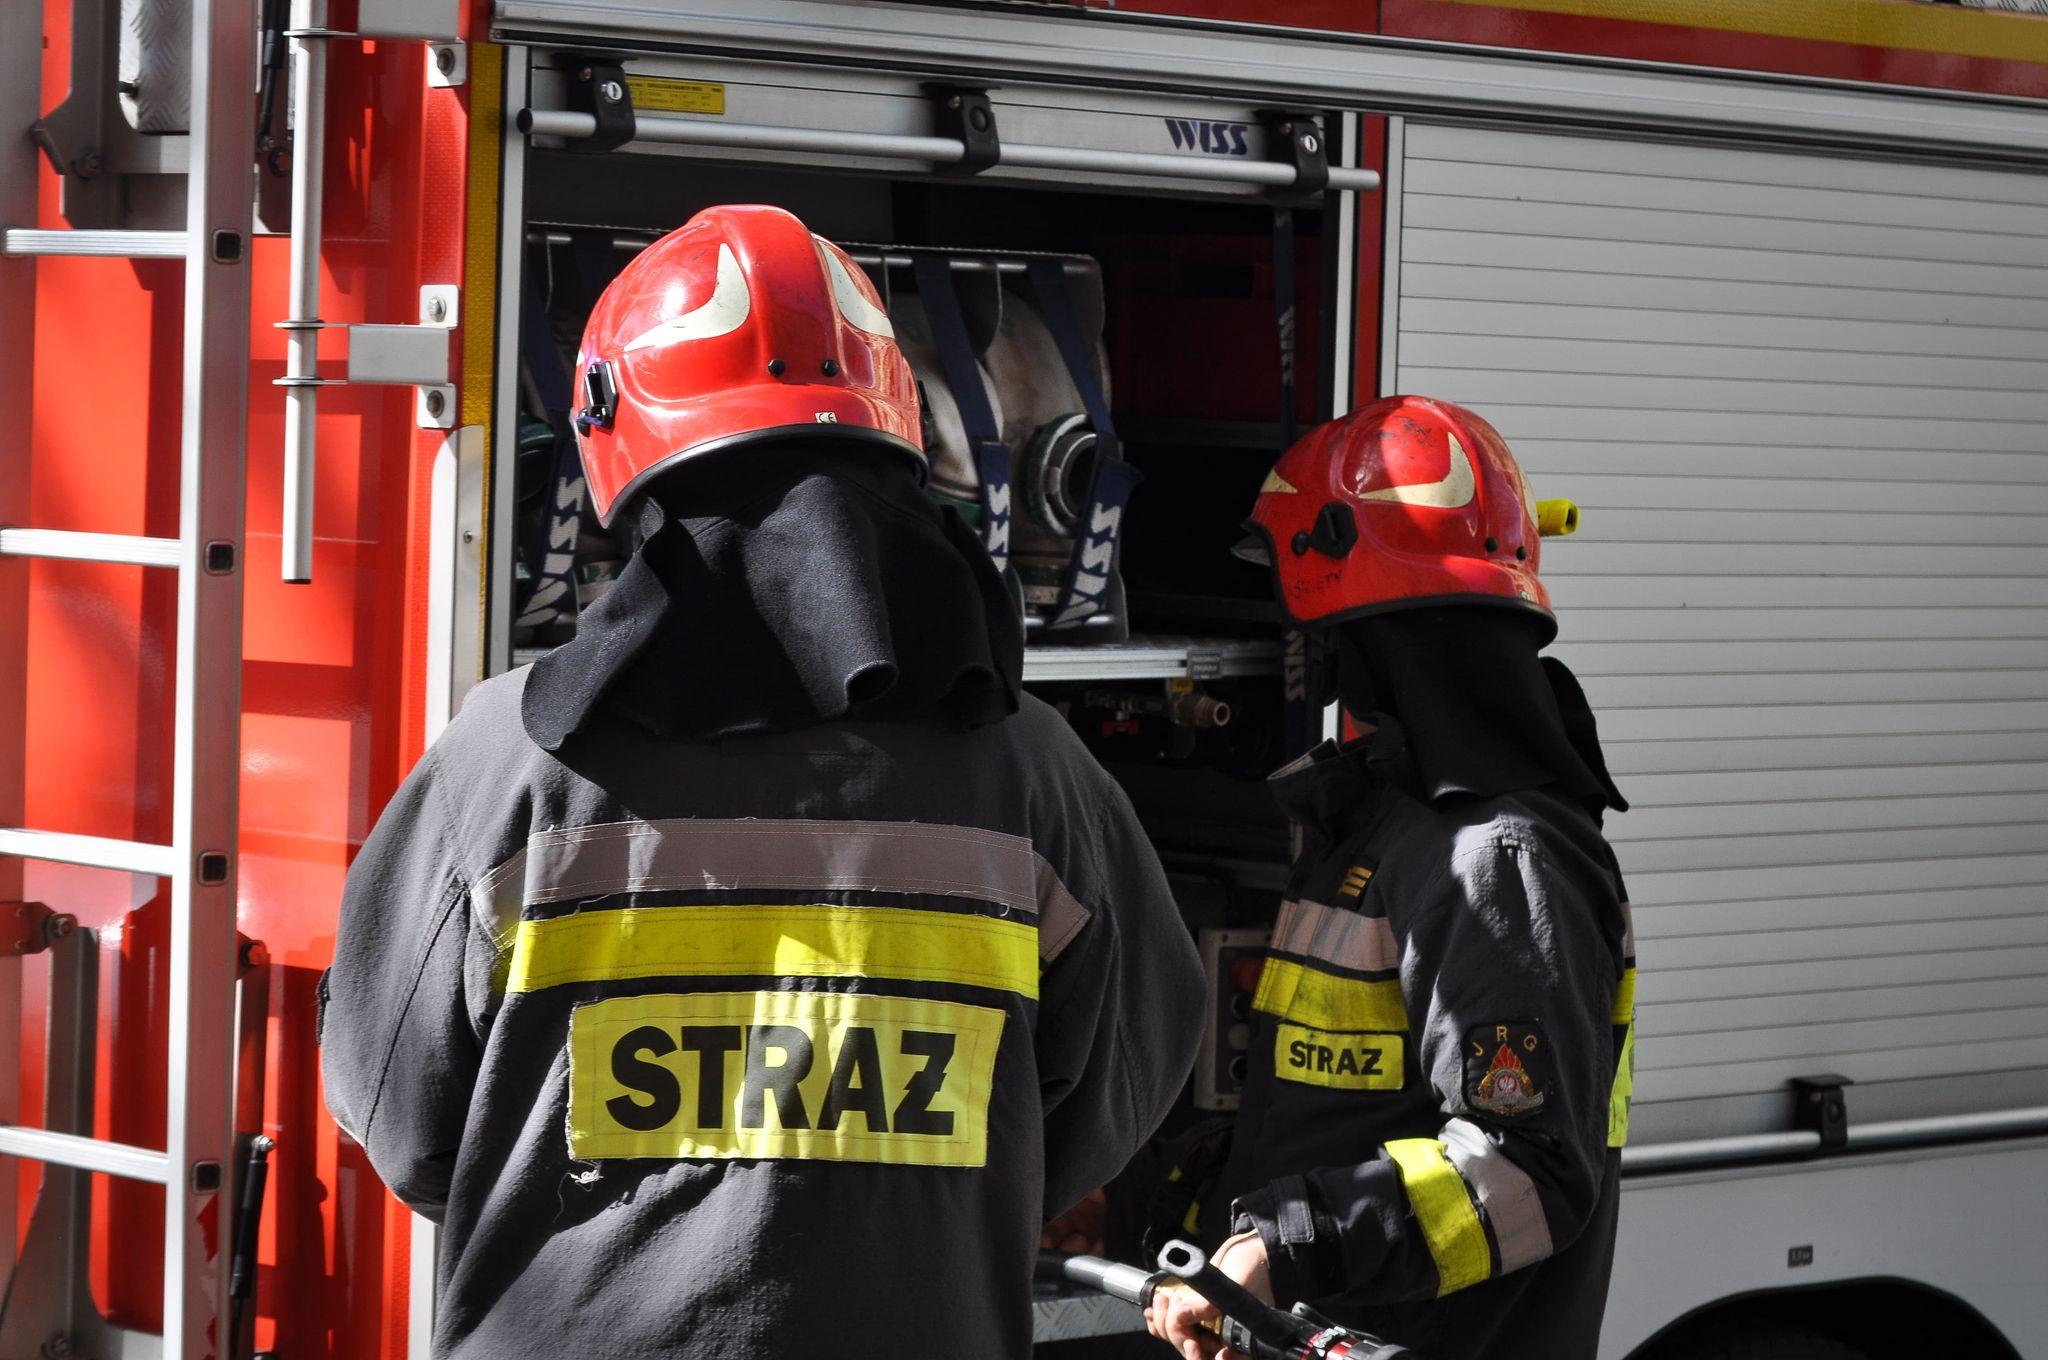 Zadymienie przyczyną wezwania straży pożarnej - Zdjęcie główne